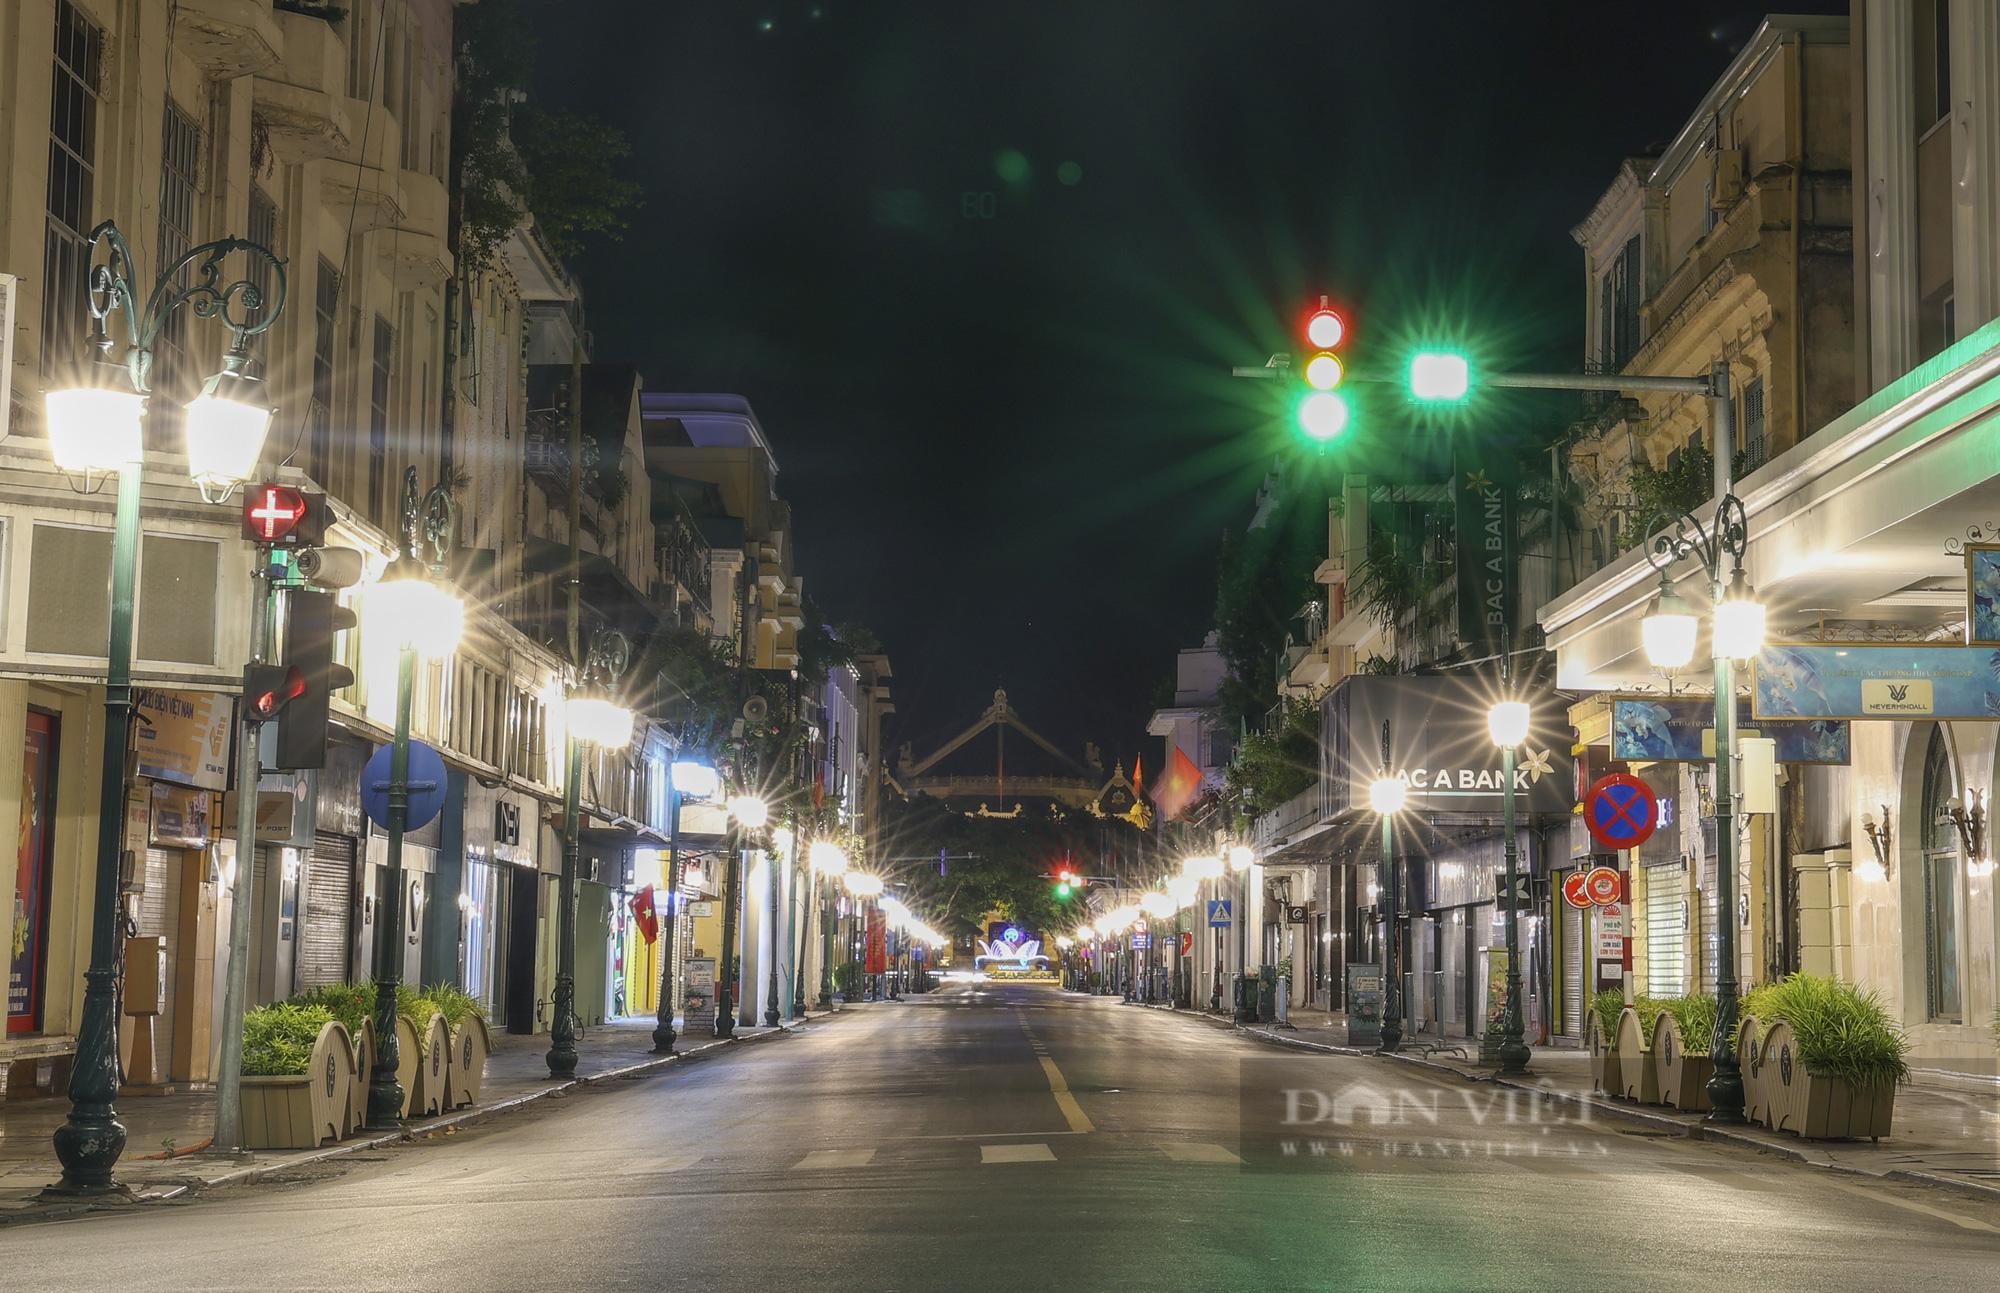 Giãn cách xã hội: Hà Nội vắng lặng, yên bình lúc về đêm - Ảnh 2.